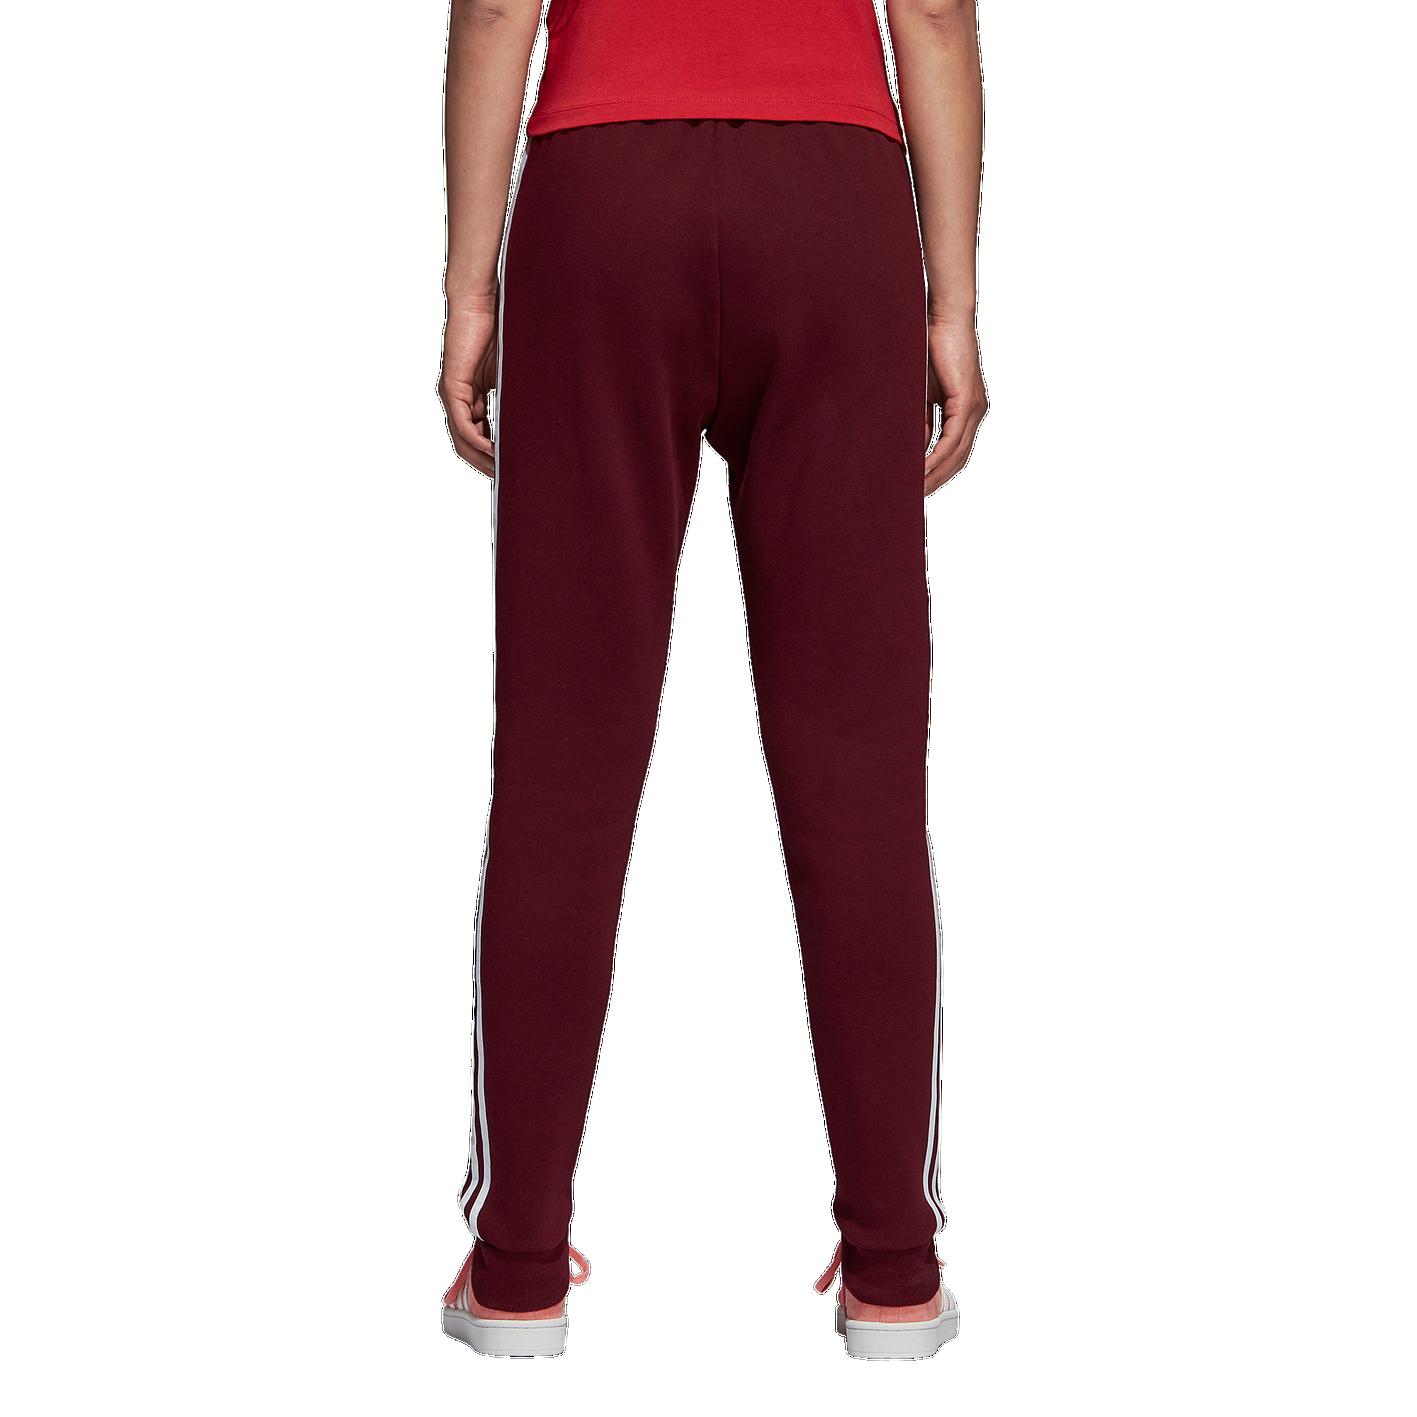 68c24c32f88 adidas Originals Adicolor Cuffed Track Pants - Women's - Casual ...